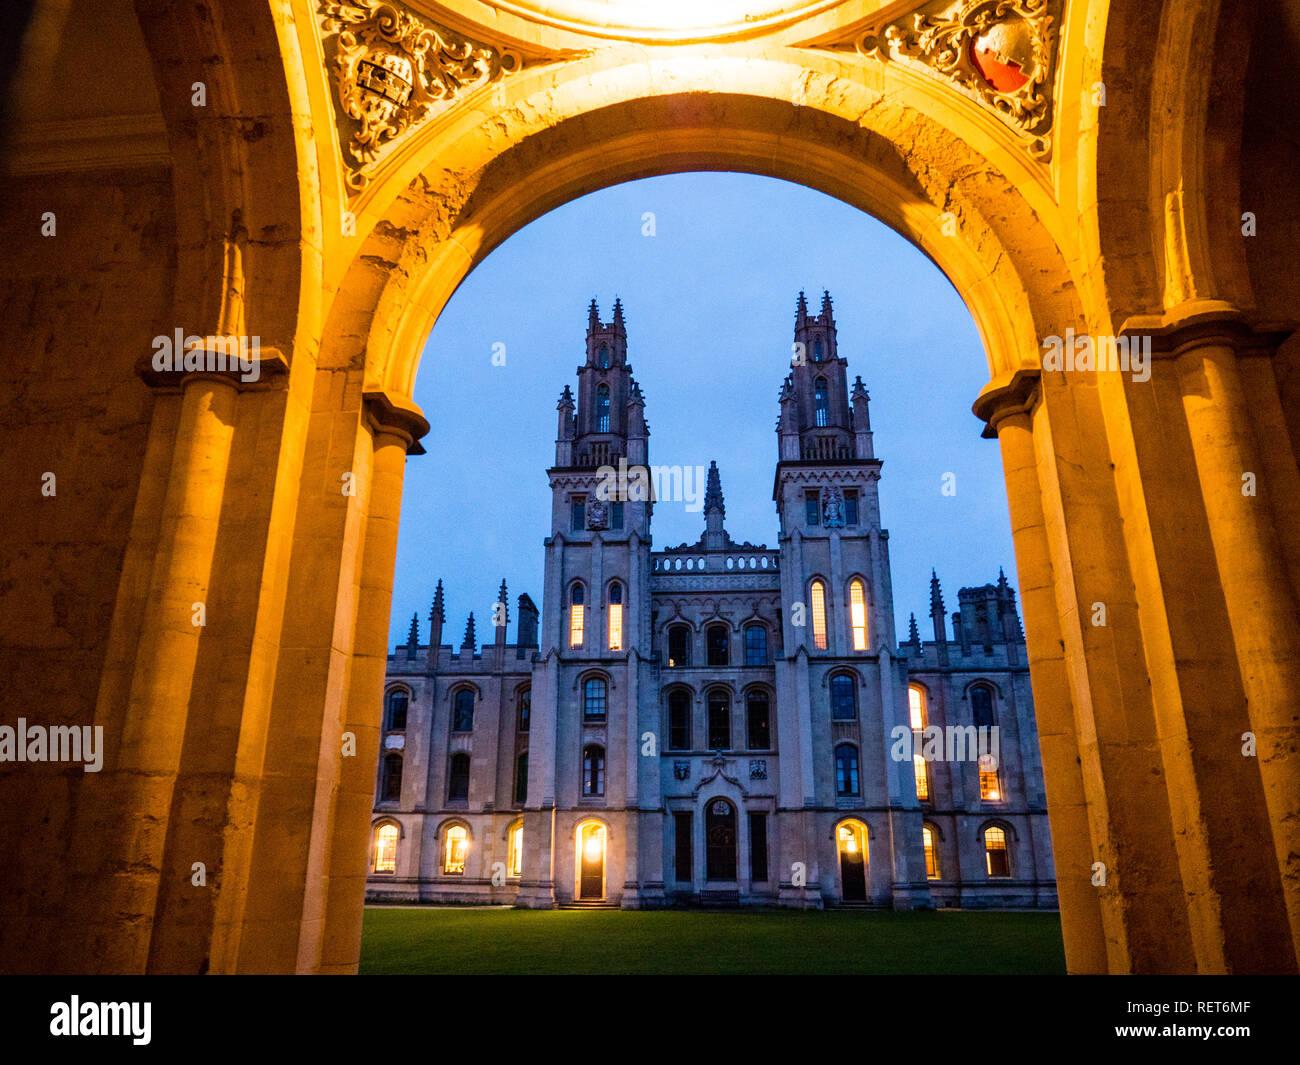 All Souls College, Universidad de Oxford, Oxford, Oxford, Inglaterra, Reino Unido, GB. Foto de stock